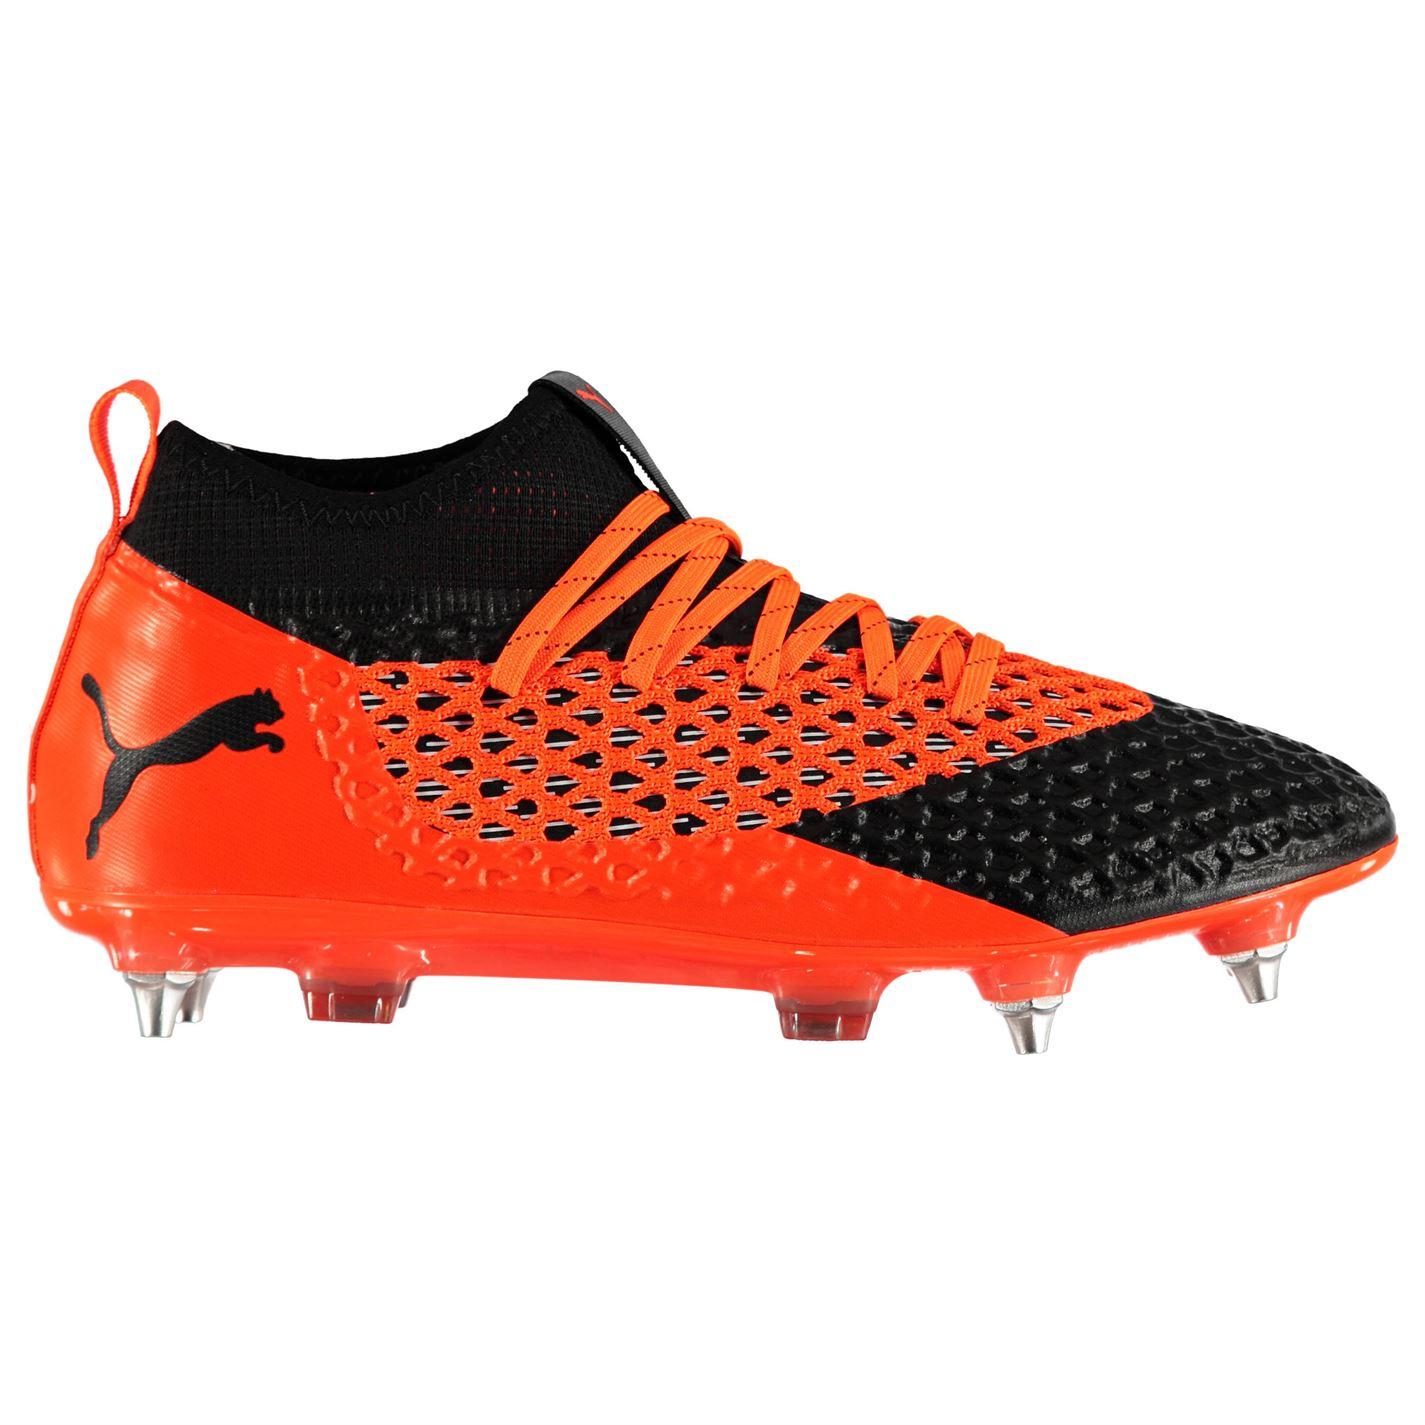 kopačky Puma Future 2.2 pánské SG Orange Black - Glami.sk 13d608b044